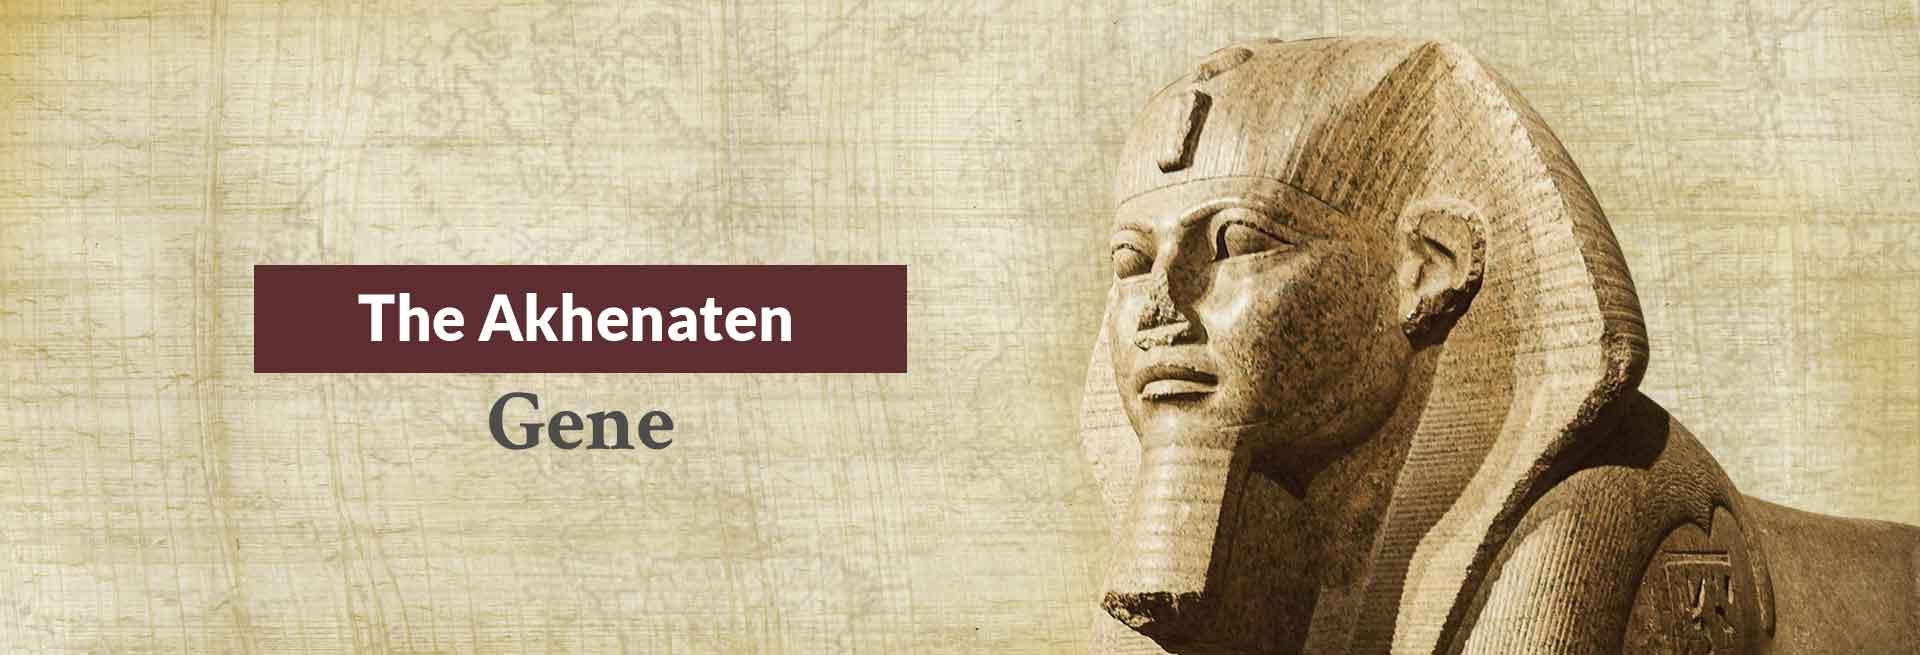 The Akhenaten Gene Banner